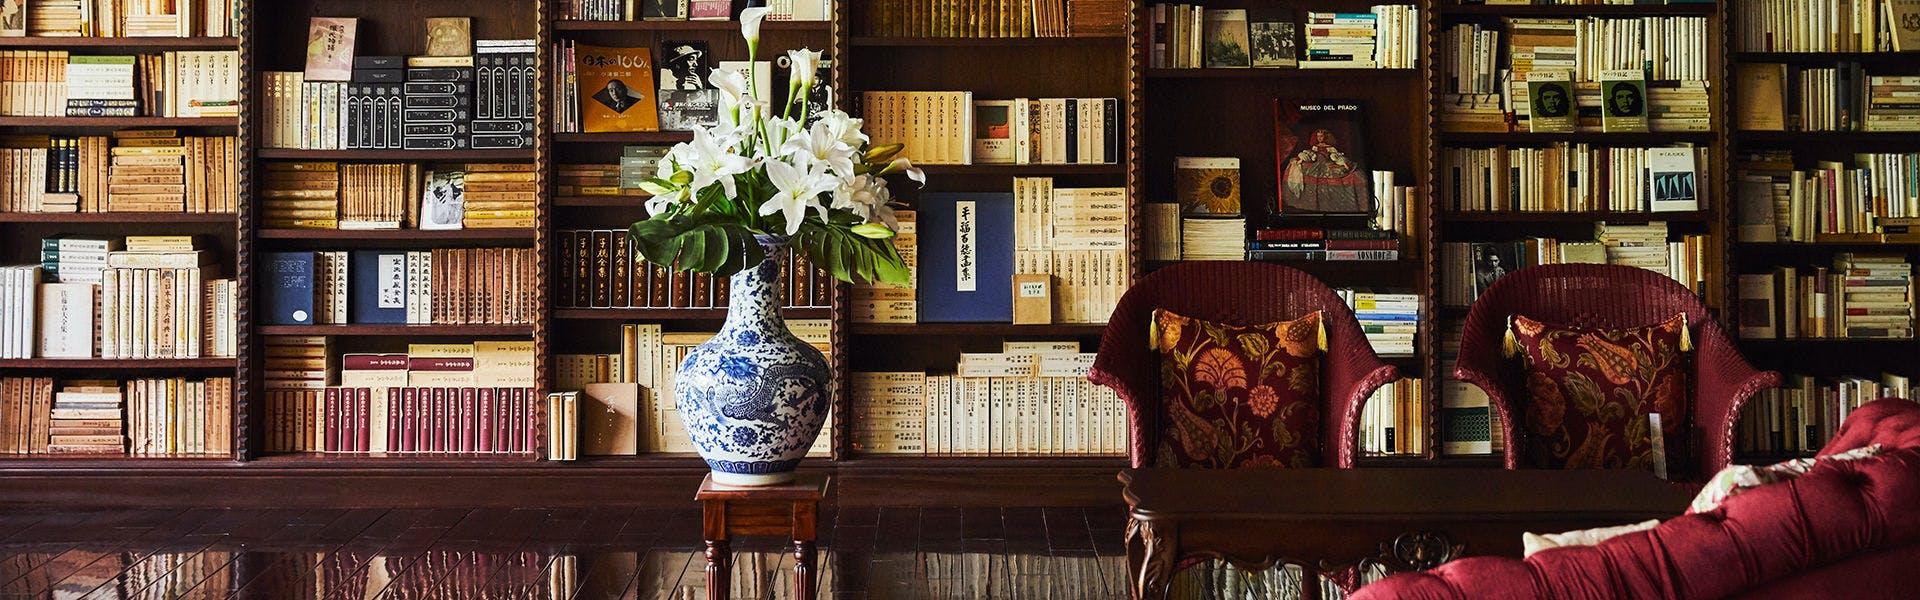 記念日におすすめのホテル・創業大正十五年 蓼科 親湯温泉の写真1